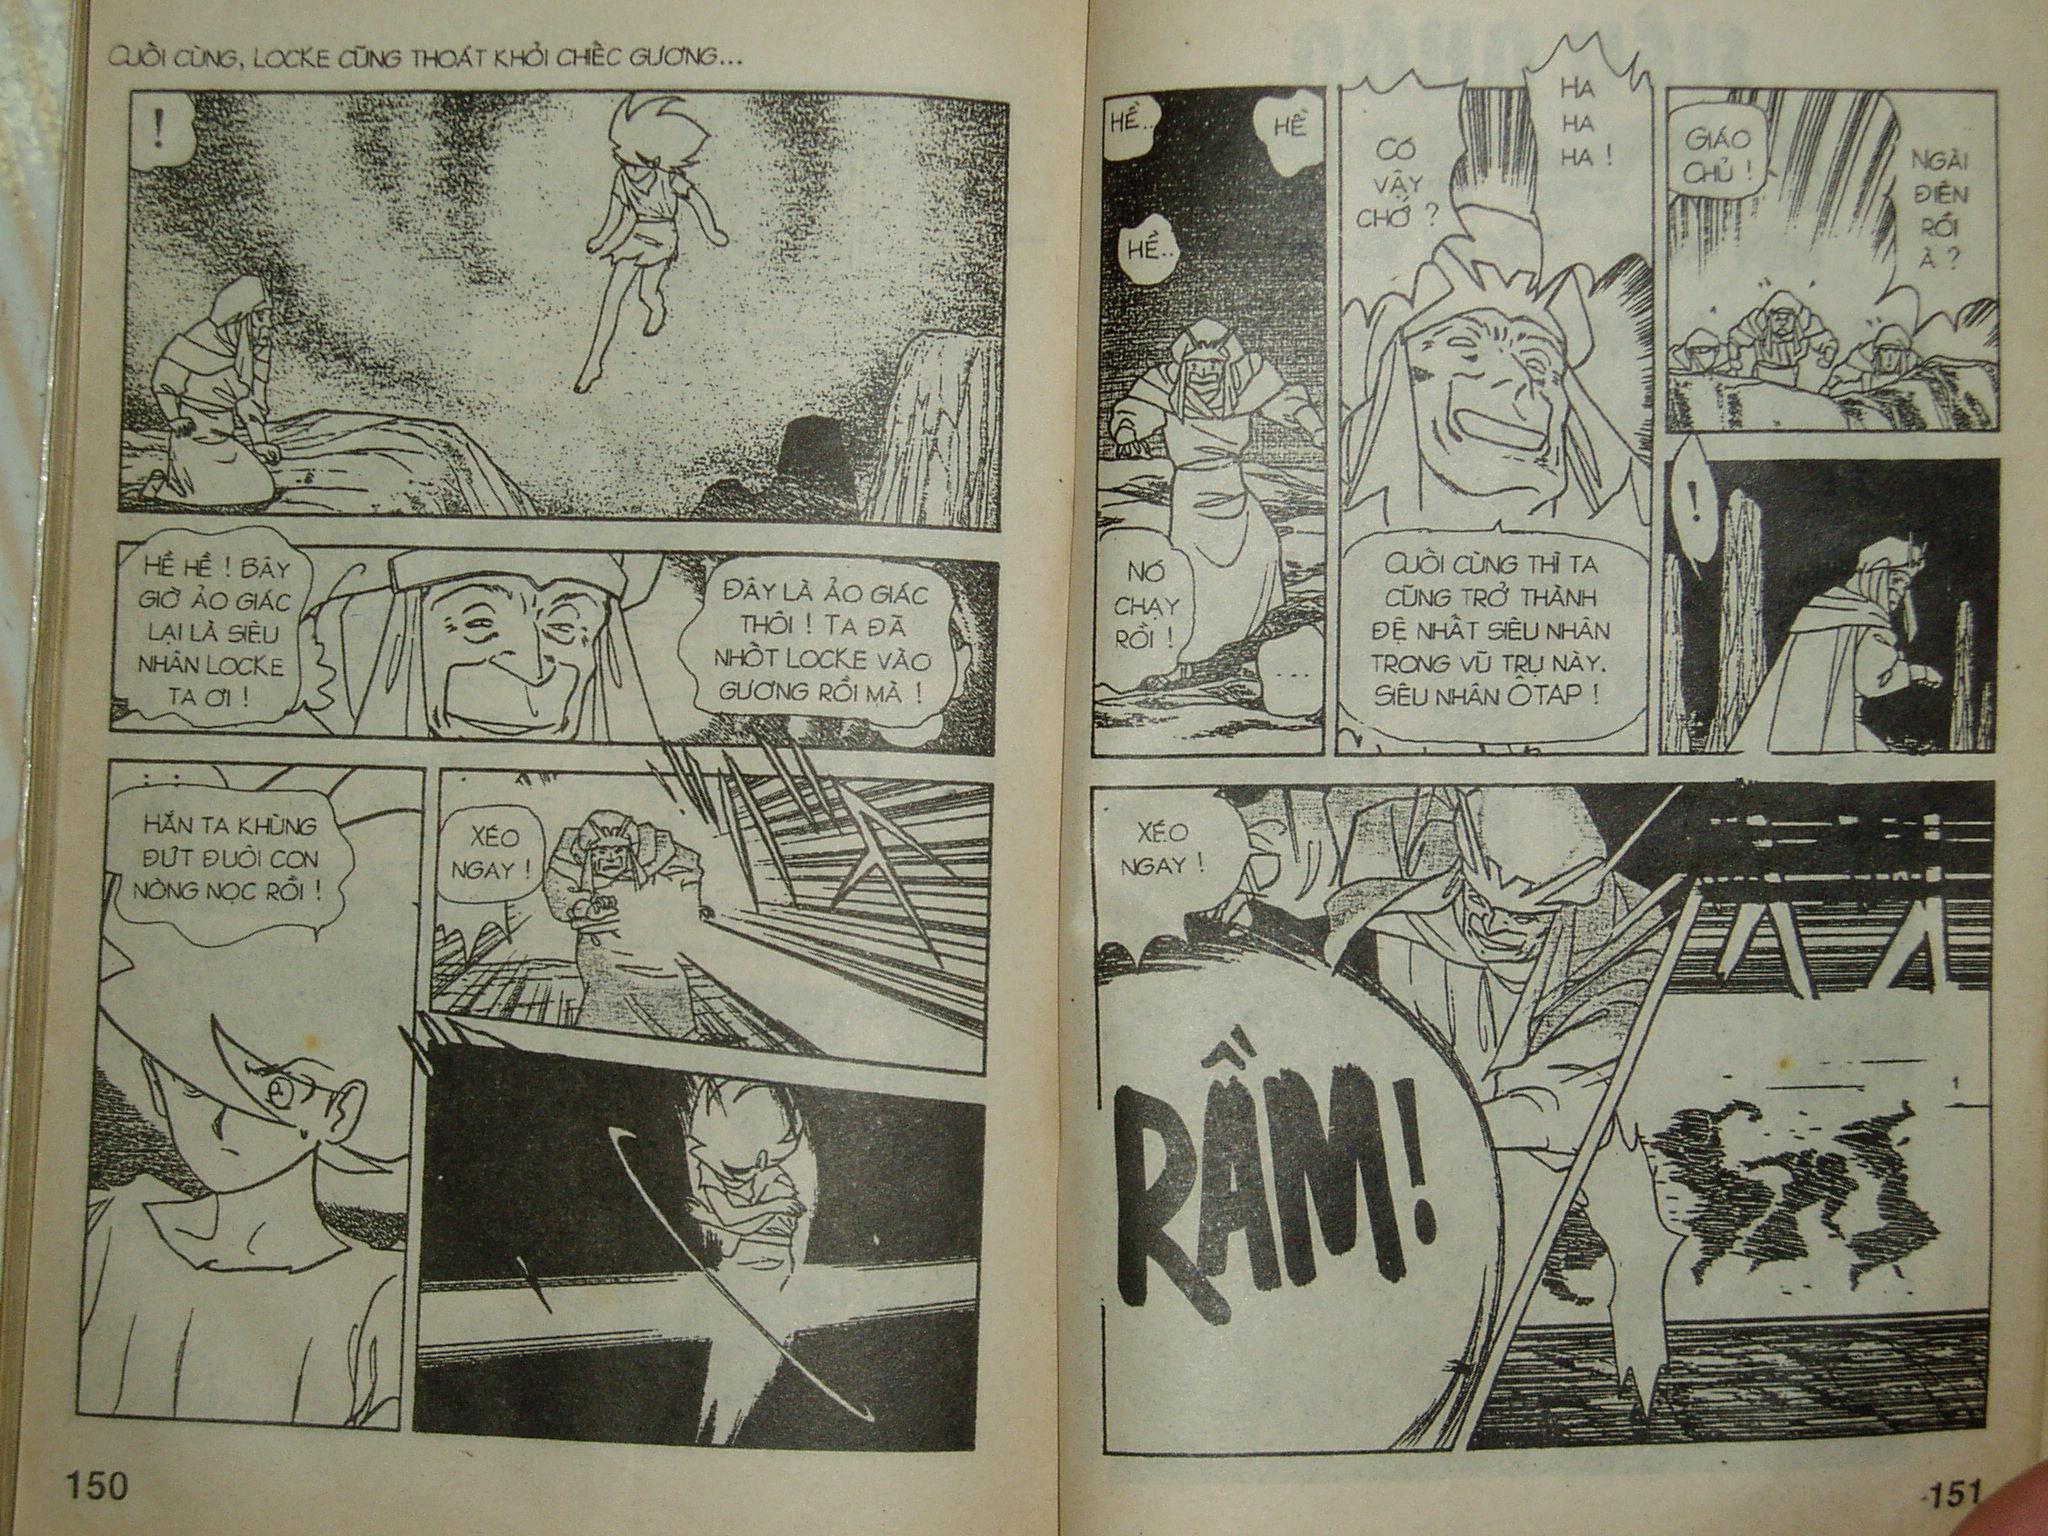 Siêu nhân Locke vol 17 trang 73